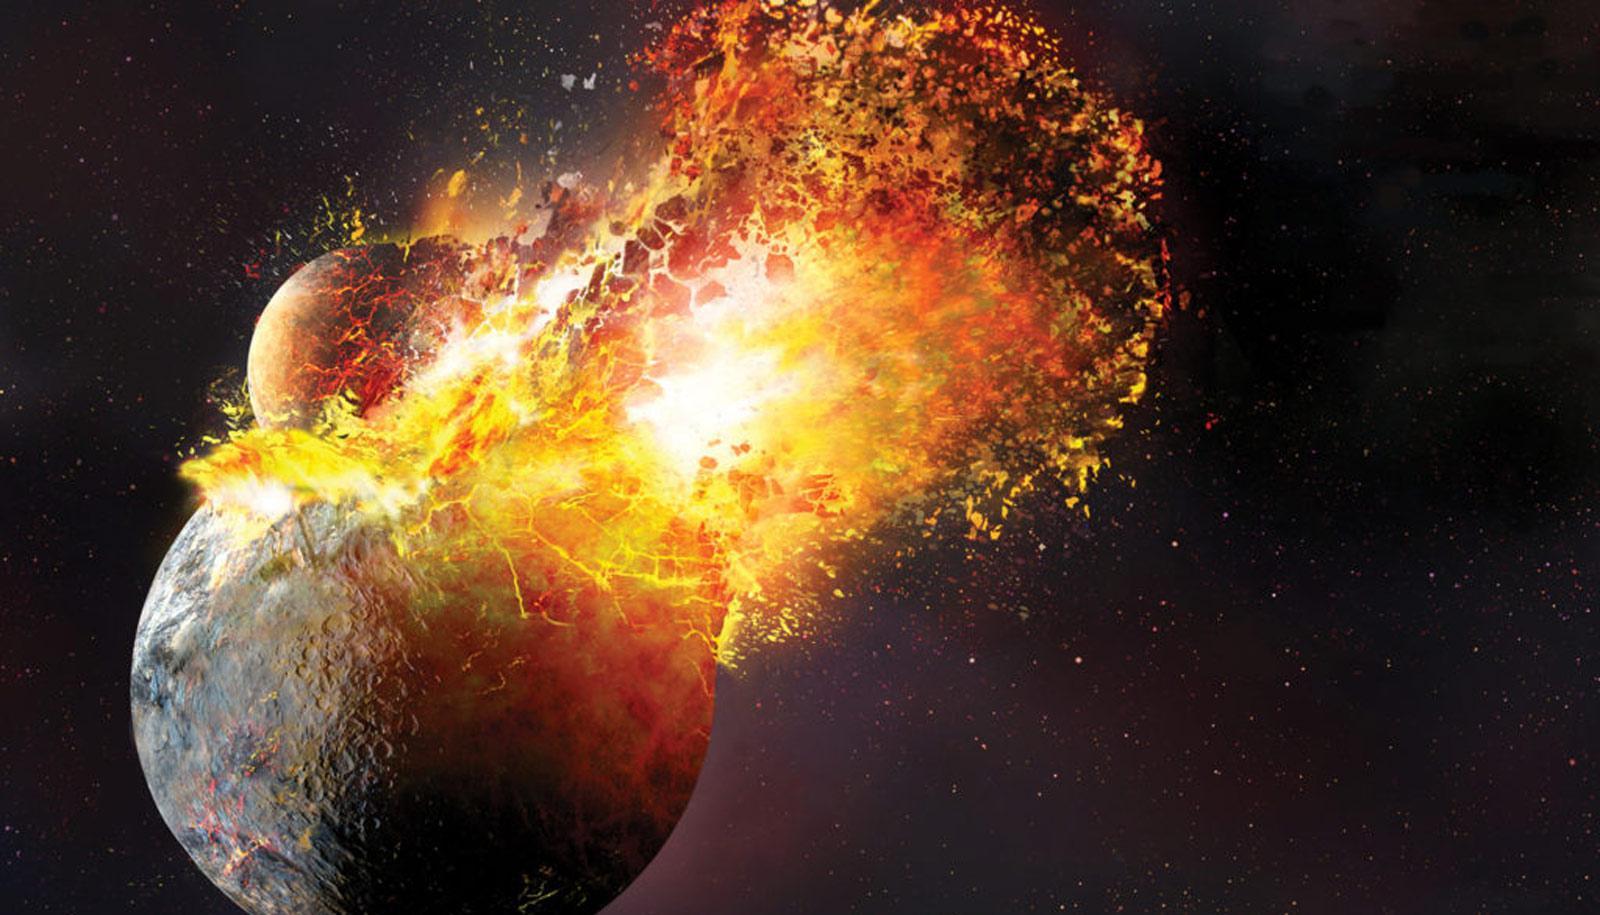 новости, Нибиру, Россия, взвыв, Камчатка, метеорит, НАСА, NASA, ЧП, Берингово море